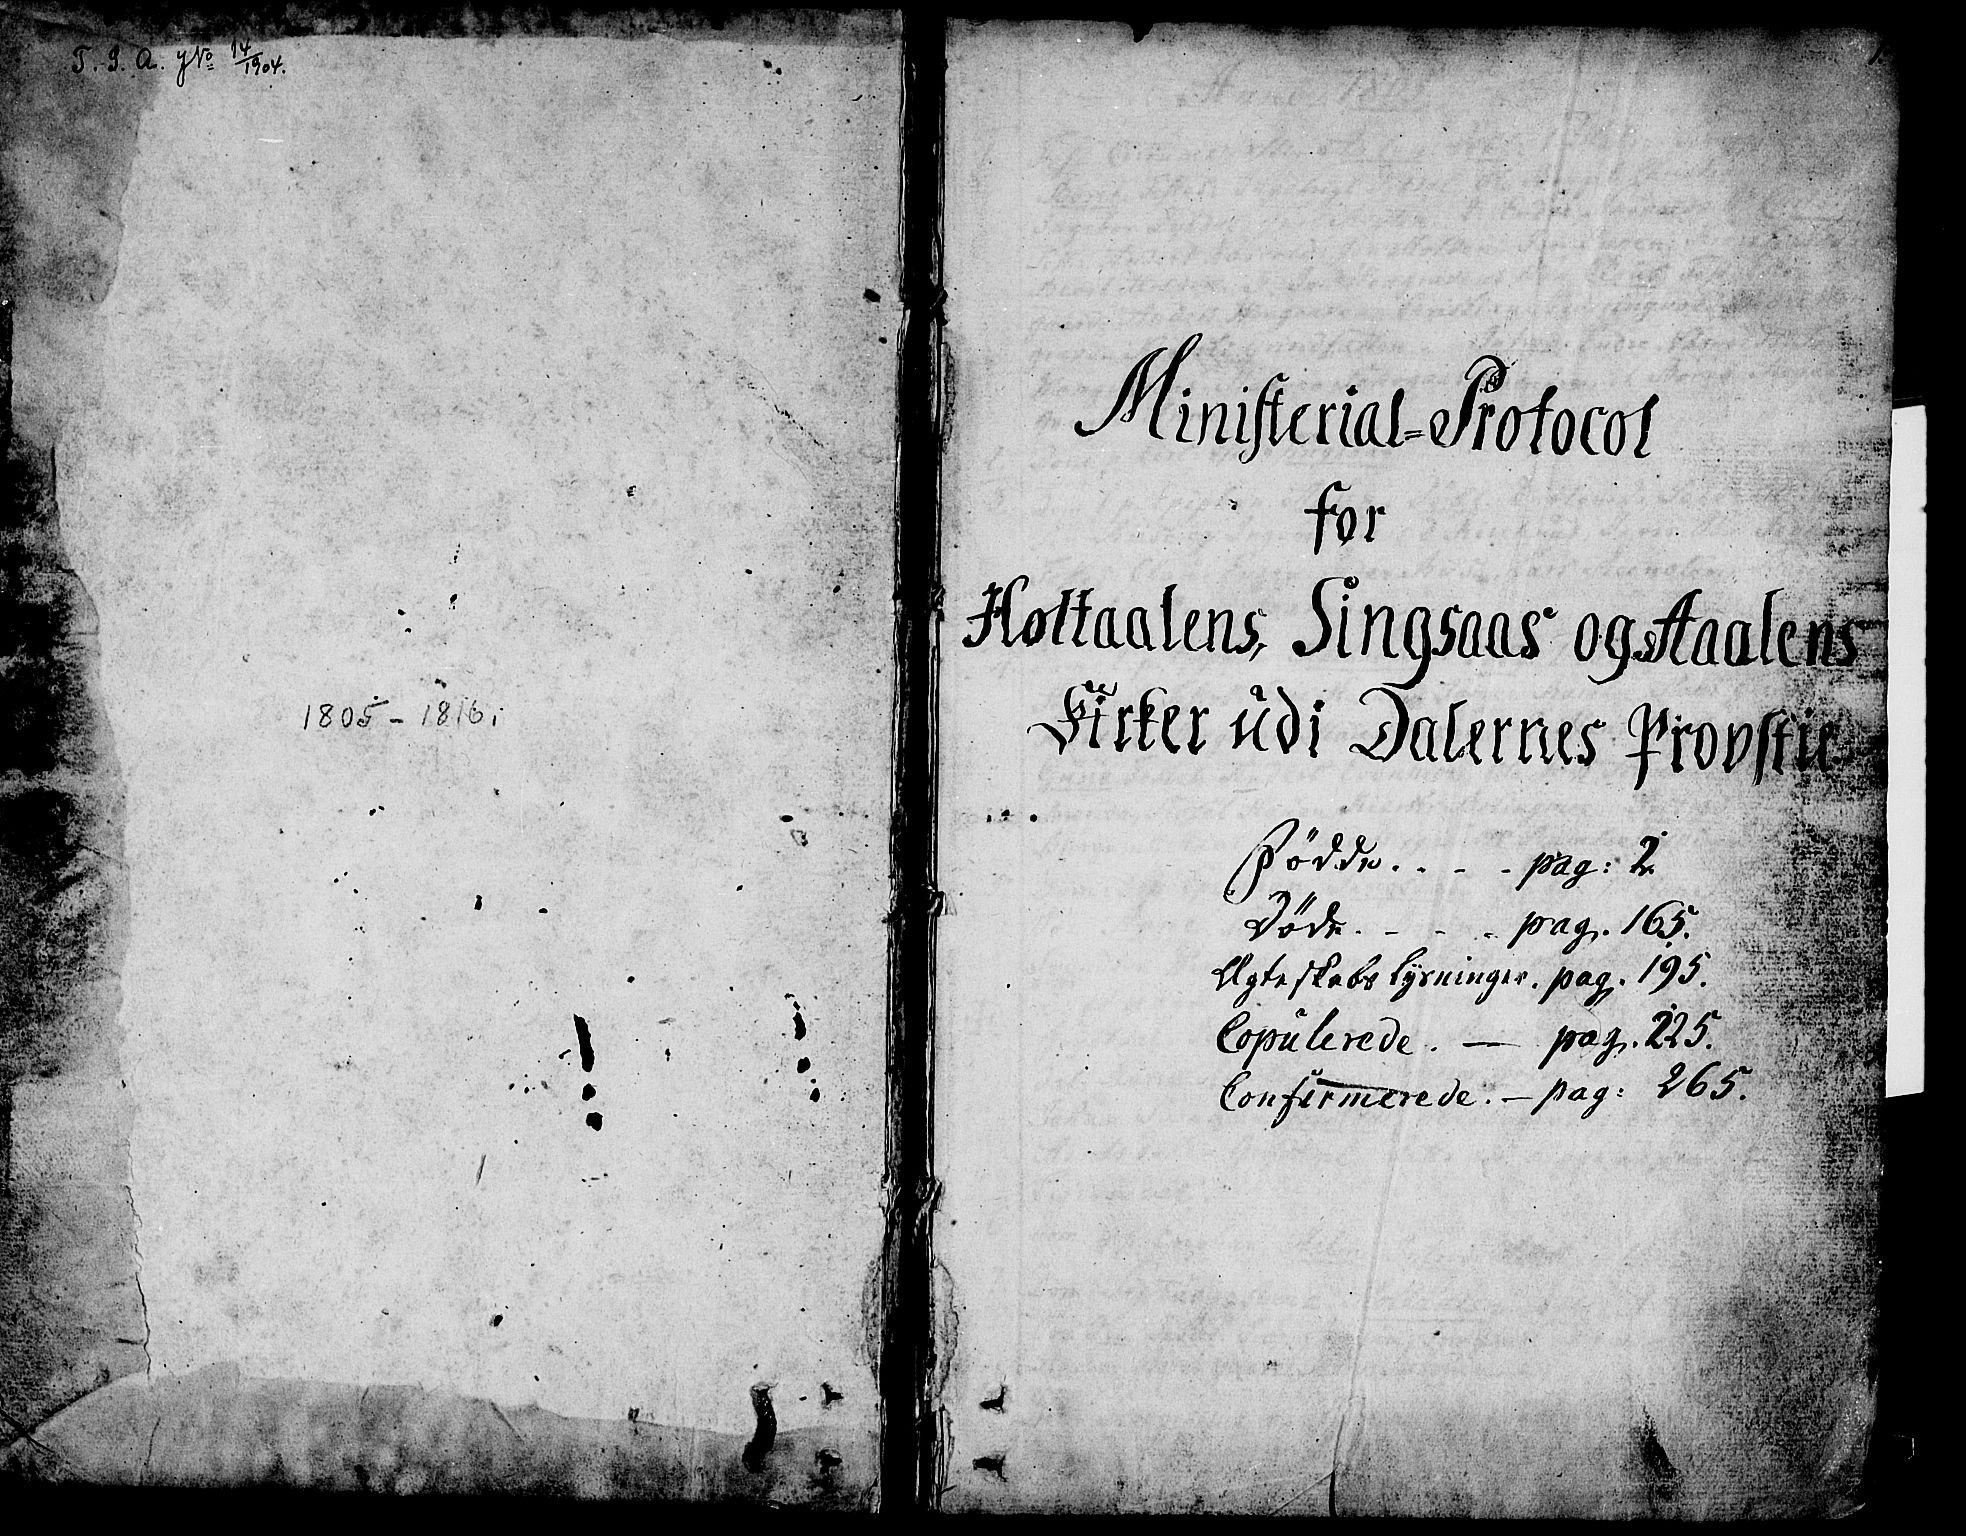 SAT, Ministerialprotokoller, klokkerbøker og fødselsregistre - Sør-Trøndelag, 685/L0953: Ministerialbok nr. 685A02, 1805-1816, s. 1